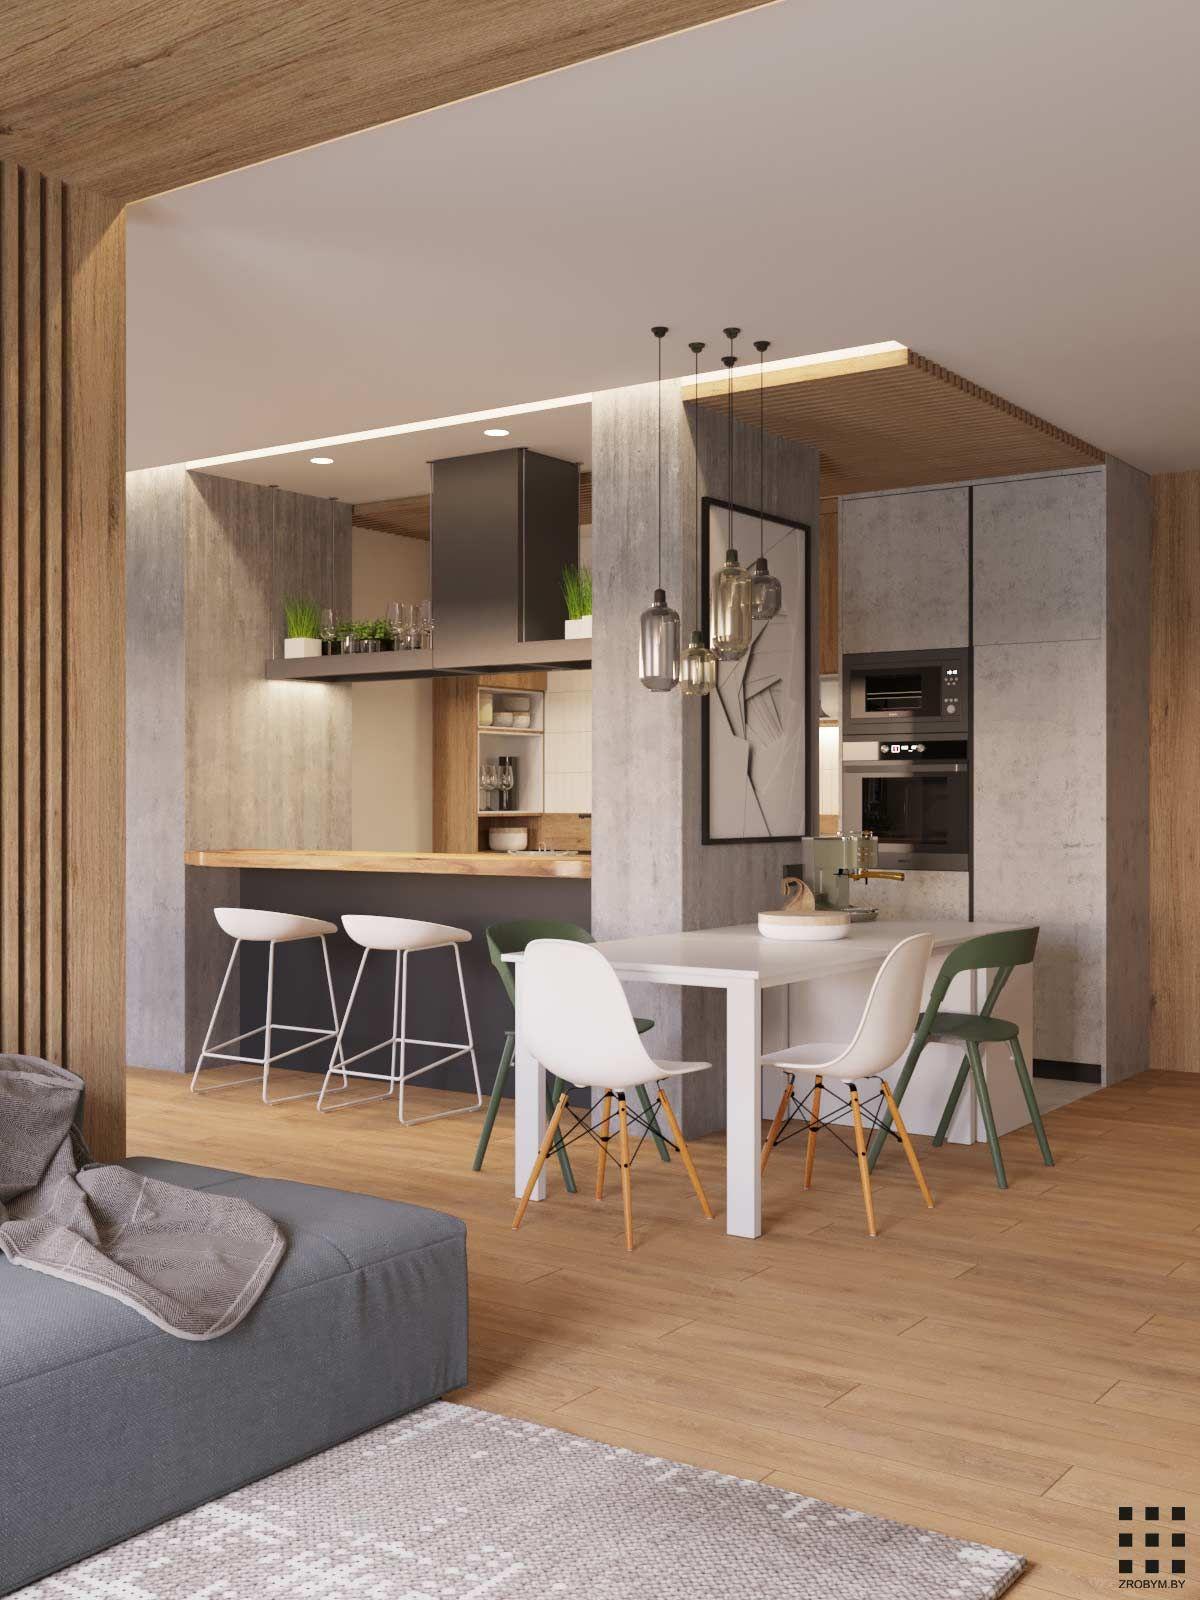 lighthouse 2018 pinterest maison amenagement cuisine et mobilier de salon. Black Bedroom Furniture Sets. Home Design Ideas